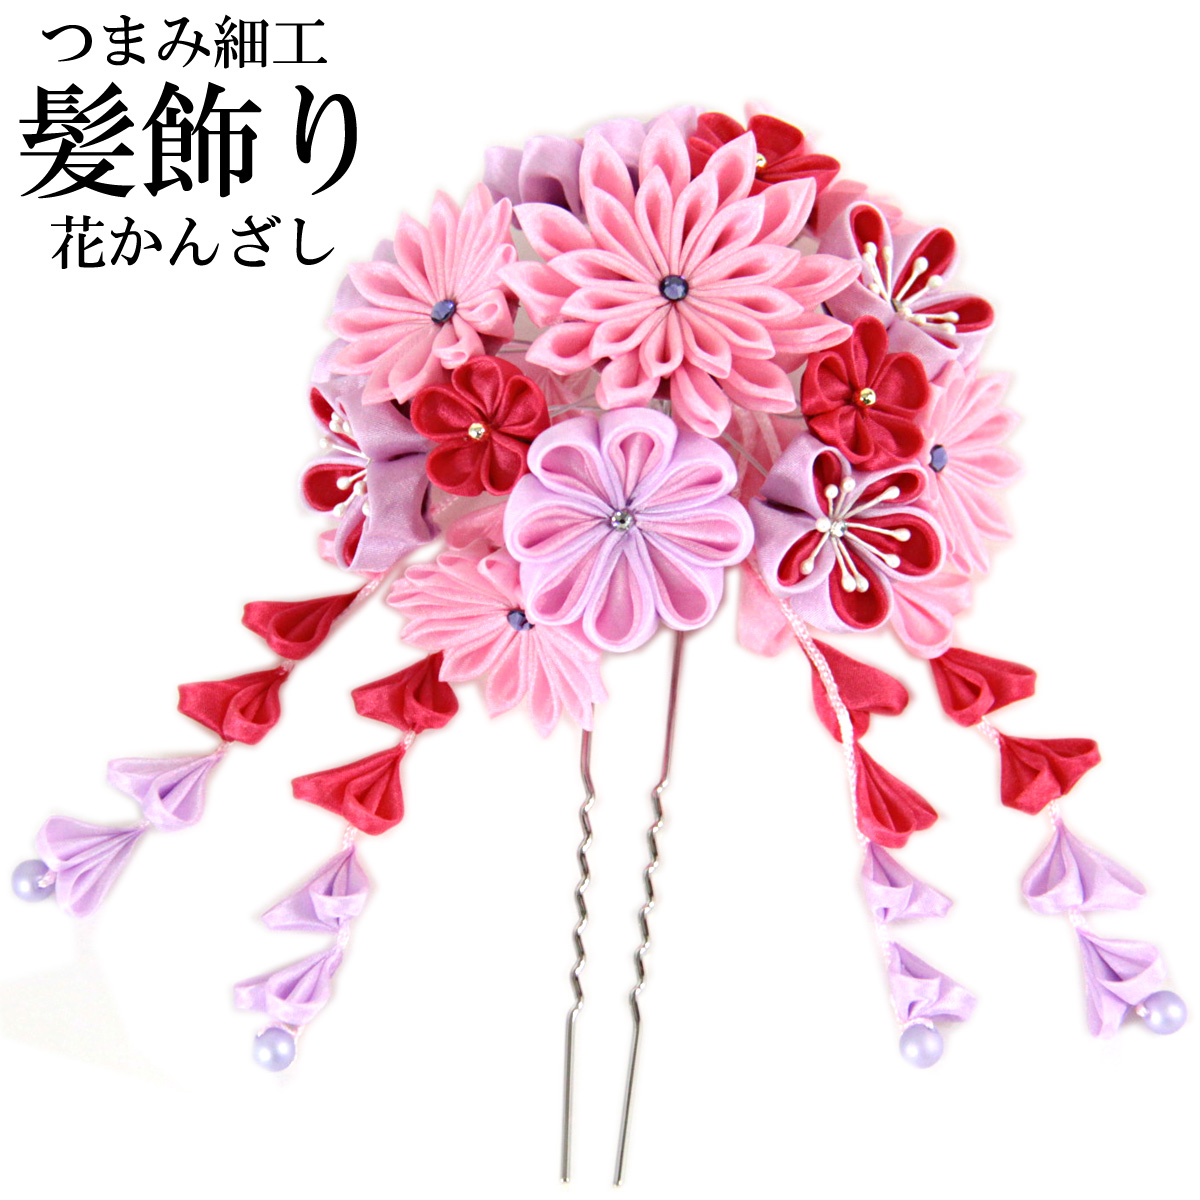 つまみ細工かんざし -281- フラワー髪飾り ピンク